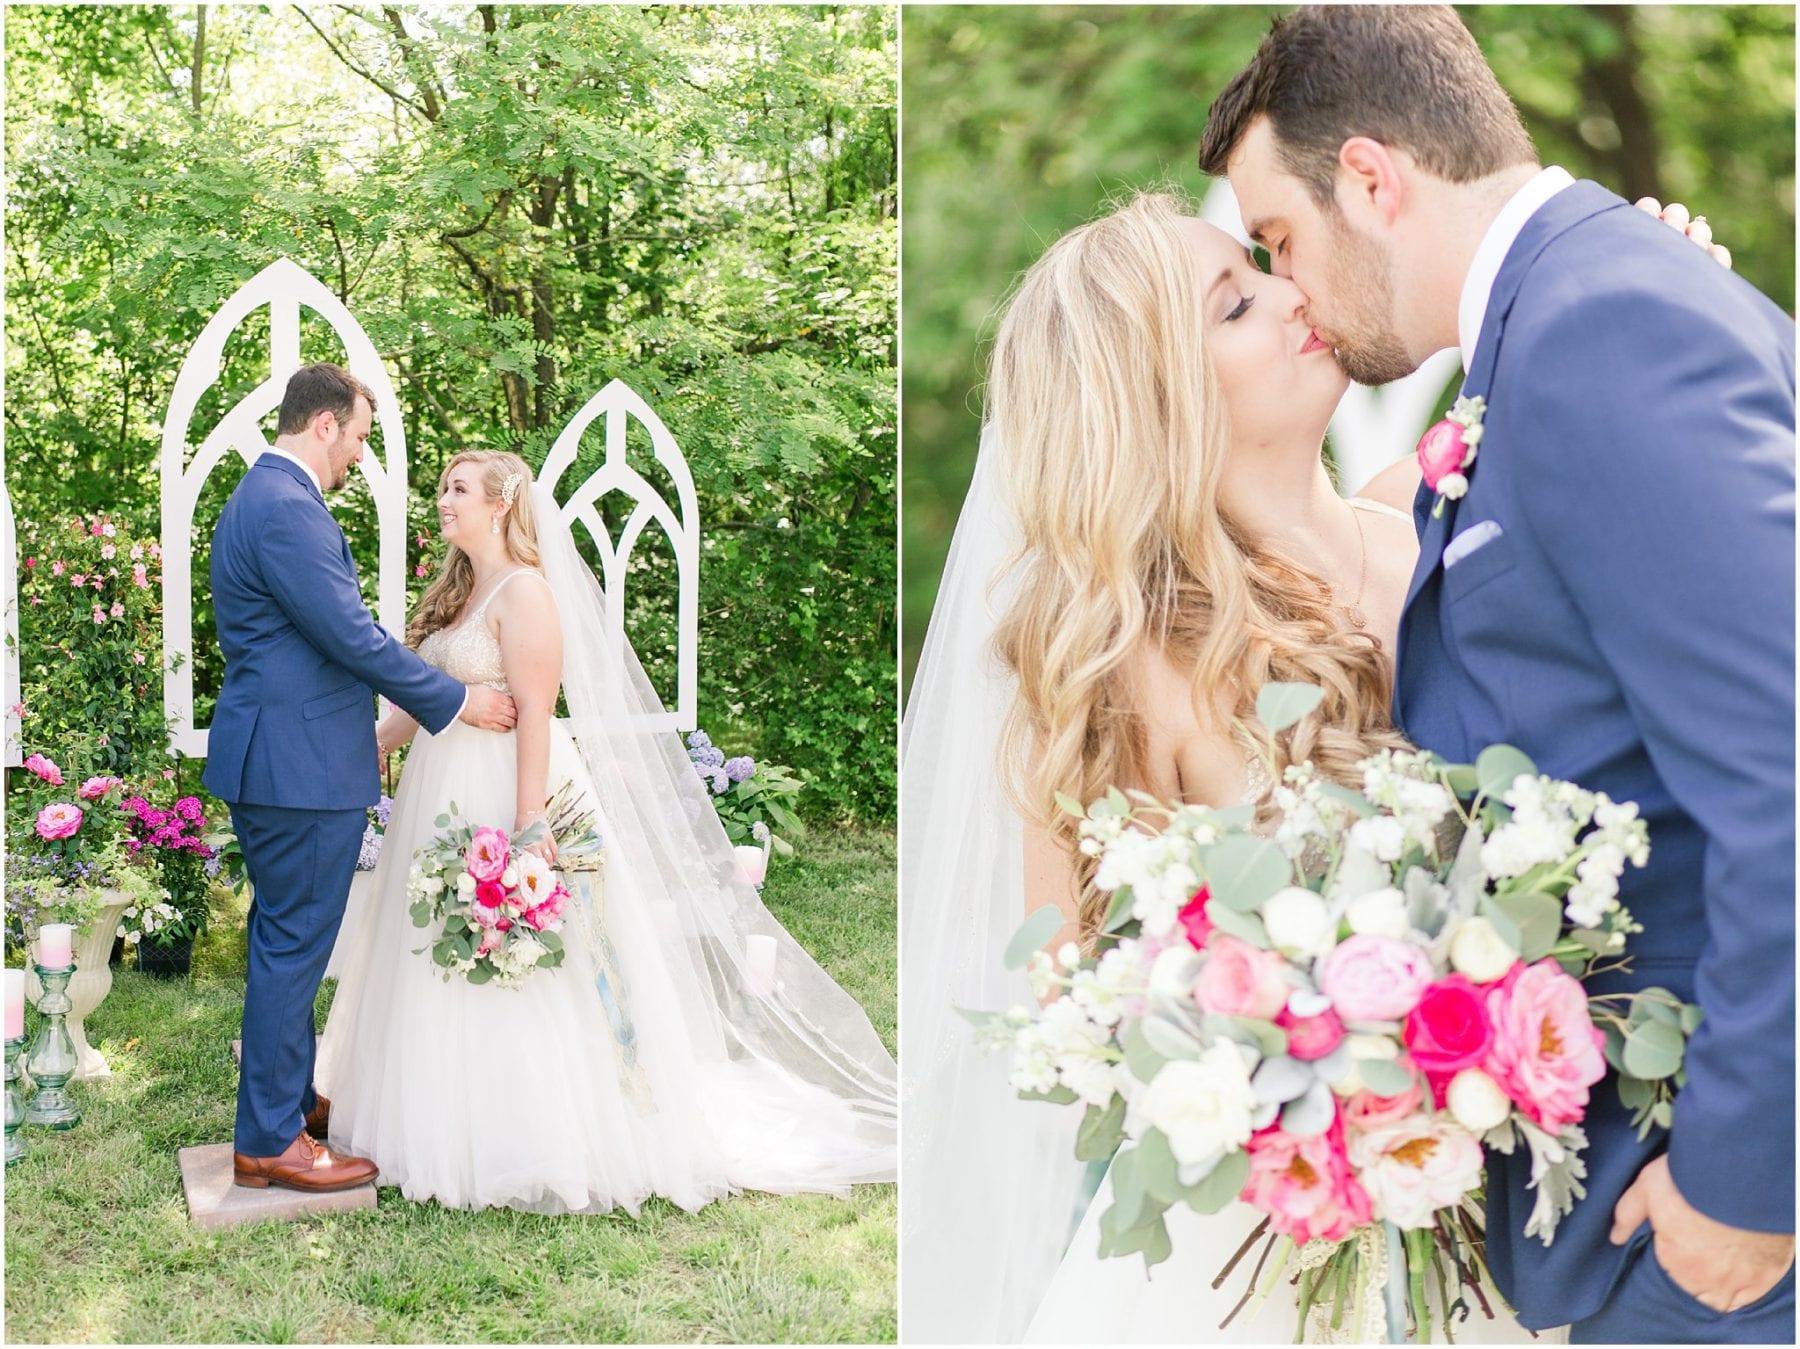 Maryland Backyard Wedding Photos Kelly & Zach Megan Kelsey Photography-99.jpg